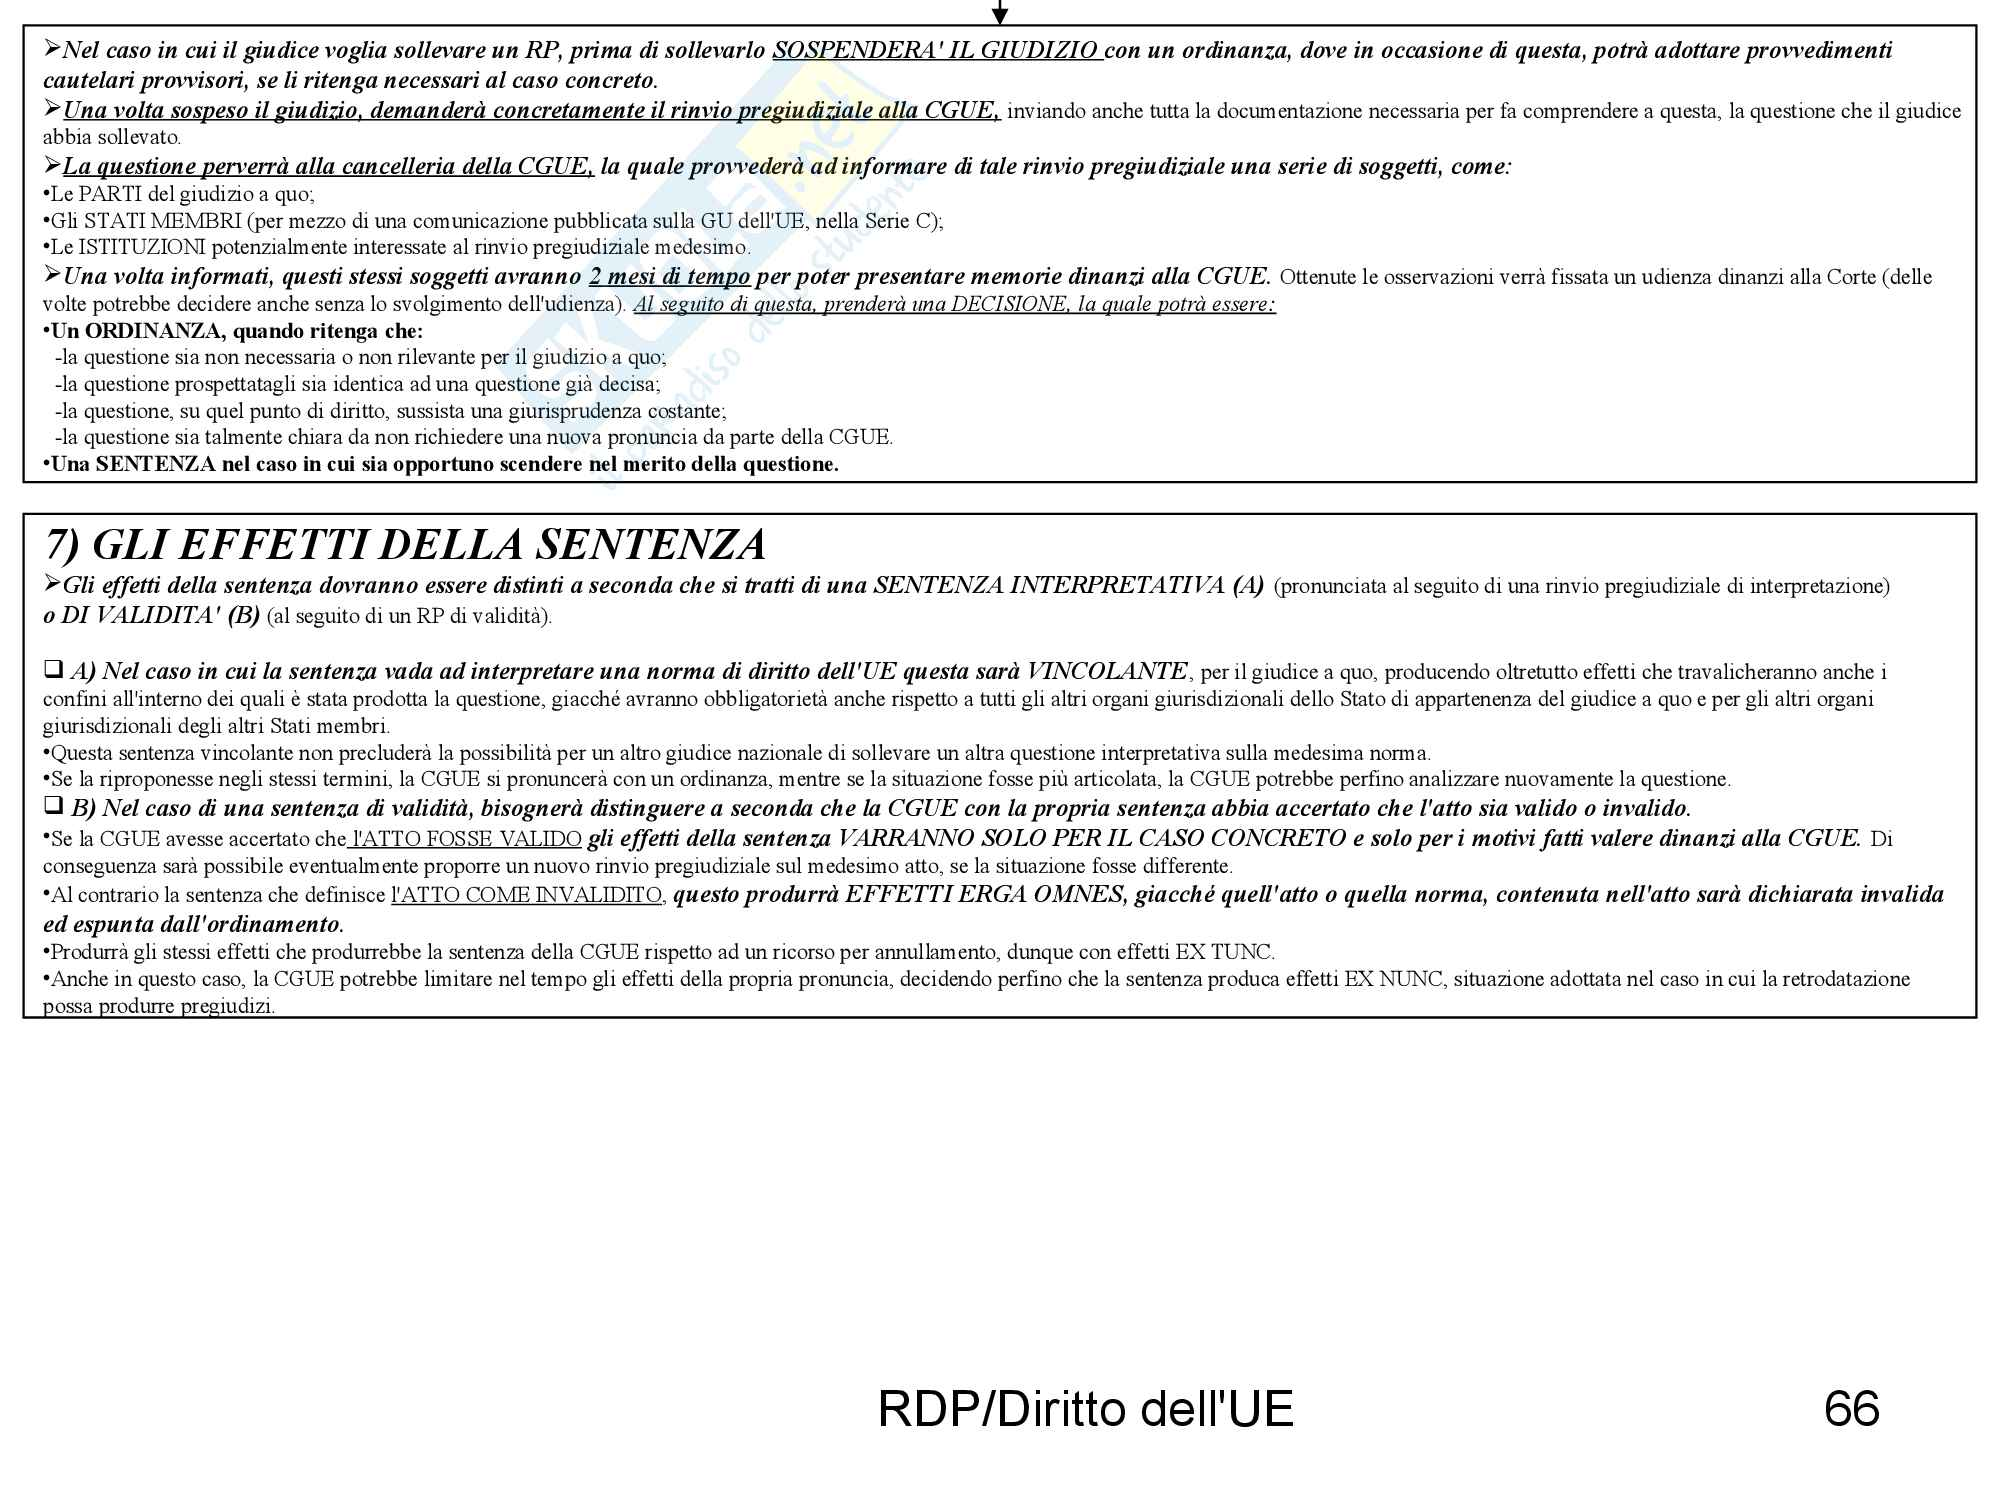 Diritto dell'UE Pag. 66